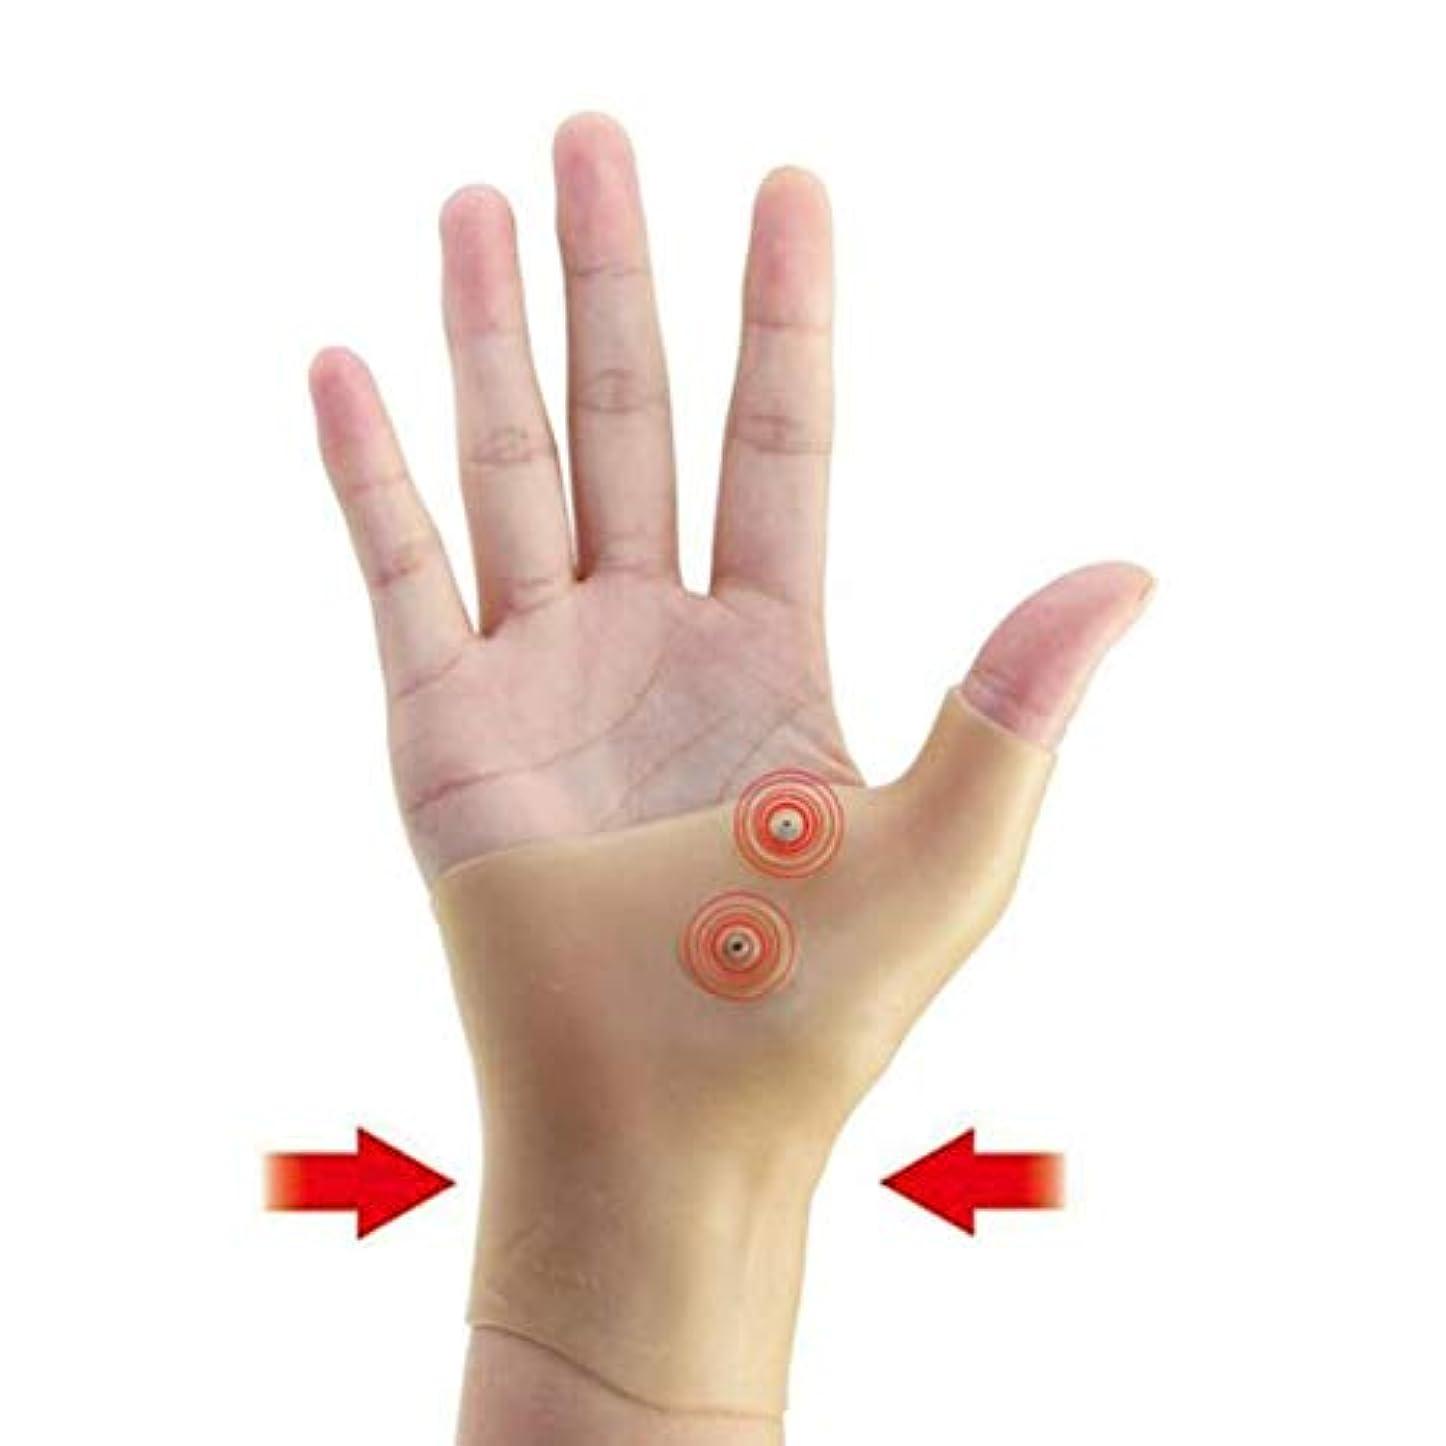 ヘルパー険しいワイヤー磁気療法手首手親指サポート手袋シリコーンゲル関節炎圧力矯正器マッサージ痛み緩和手袋 - 肌の色